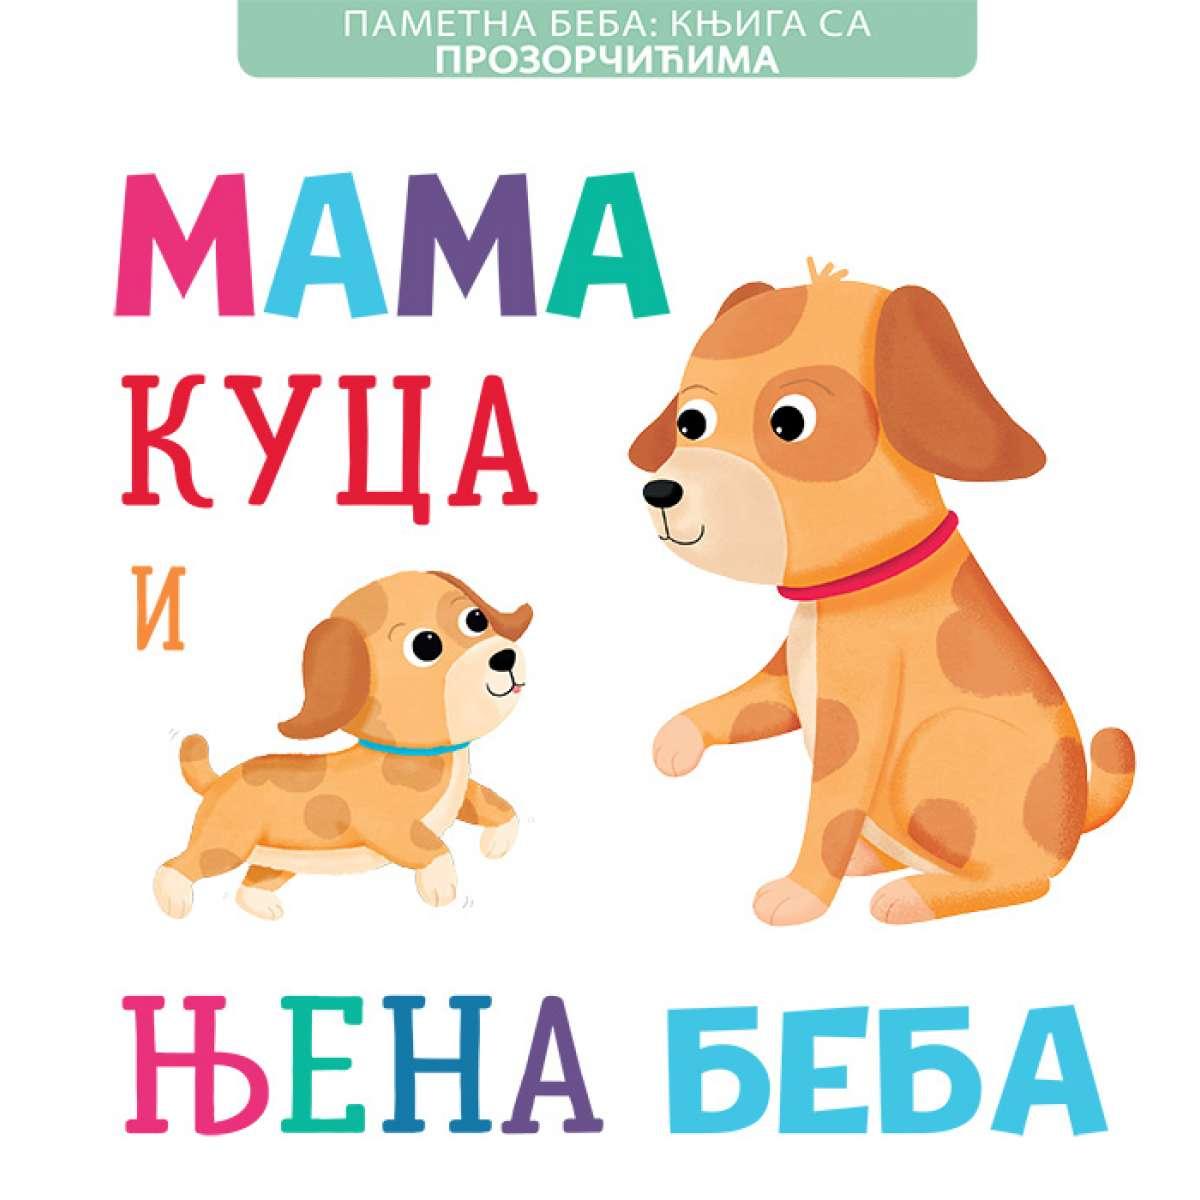 Knjiga sa prozorčićima - Mama kuca i njena beba